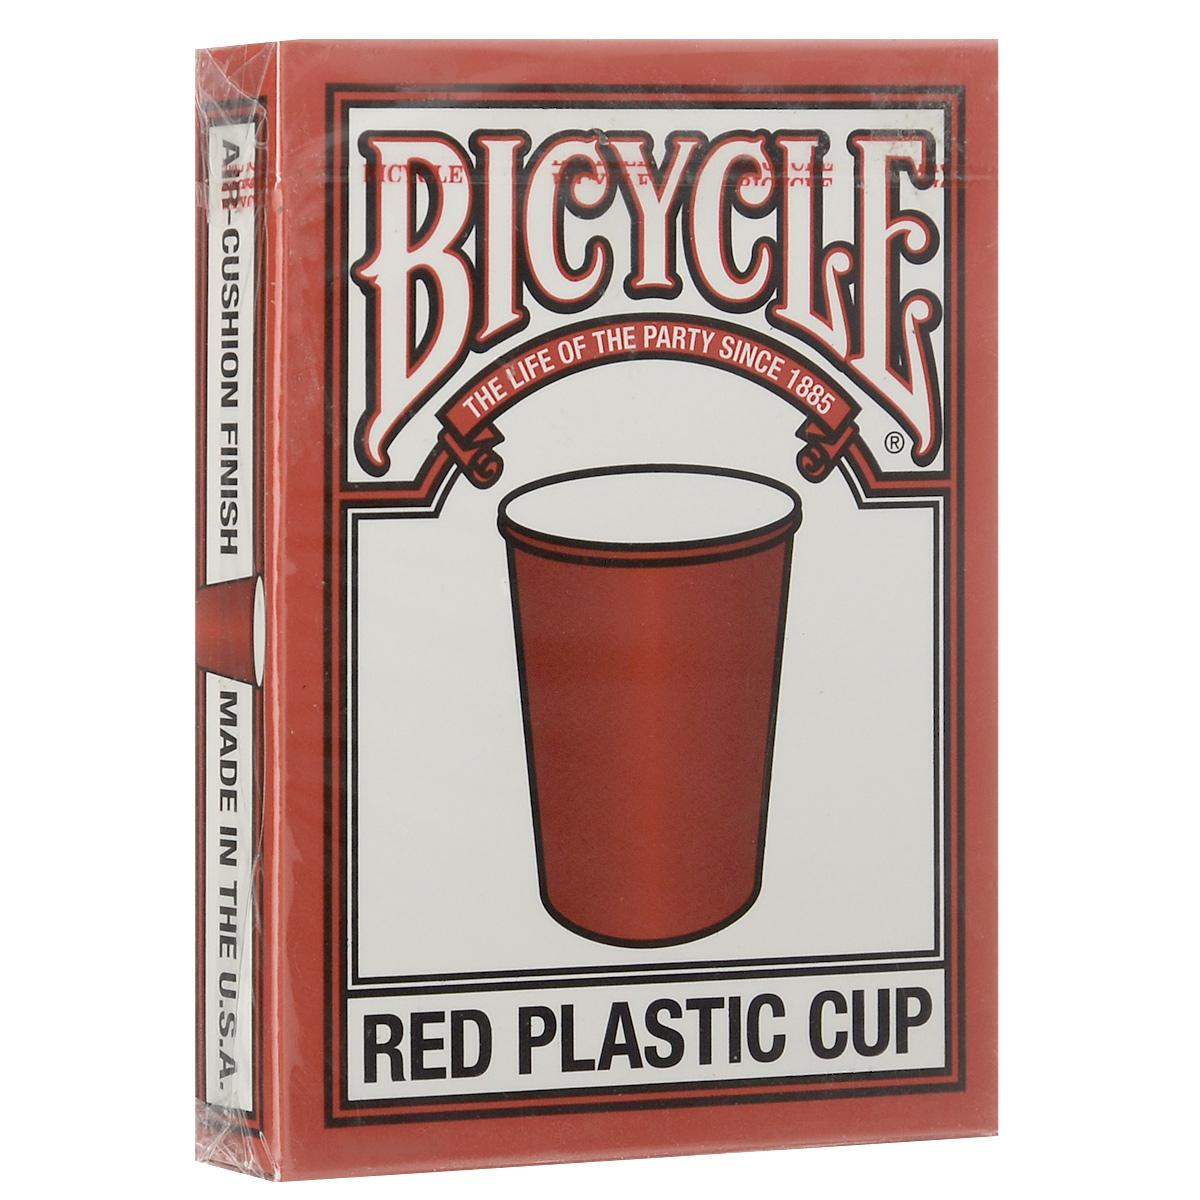 Игральные карты Bicycle Красные пластиковые стаканчики, цвет: красныйК-345Вы когда-нибудь задумывались, сколько пластиковых стаканчиков мы постоянно используем в своей жизни? Именно им фабрика USPCC решила посвятить очередную колоду. Вместо туза пик за основу взят красный пластиковый стаканчик, также эта тема просматривается на их рубашке.